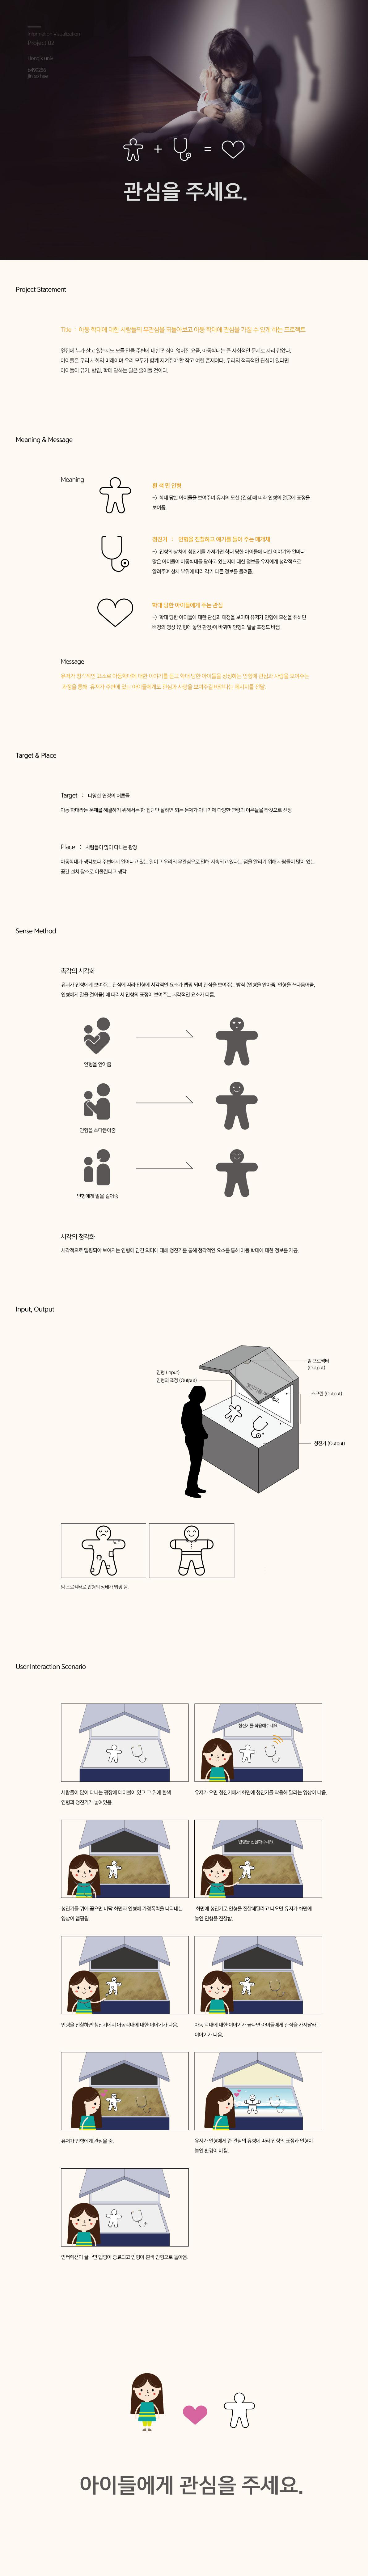 Jin So Hee | For children | Information Visualization 2016│ Major in Digital Media Design │#hicoda │hicoda.hongik.ac.kr